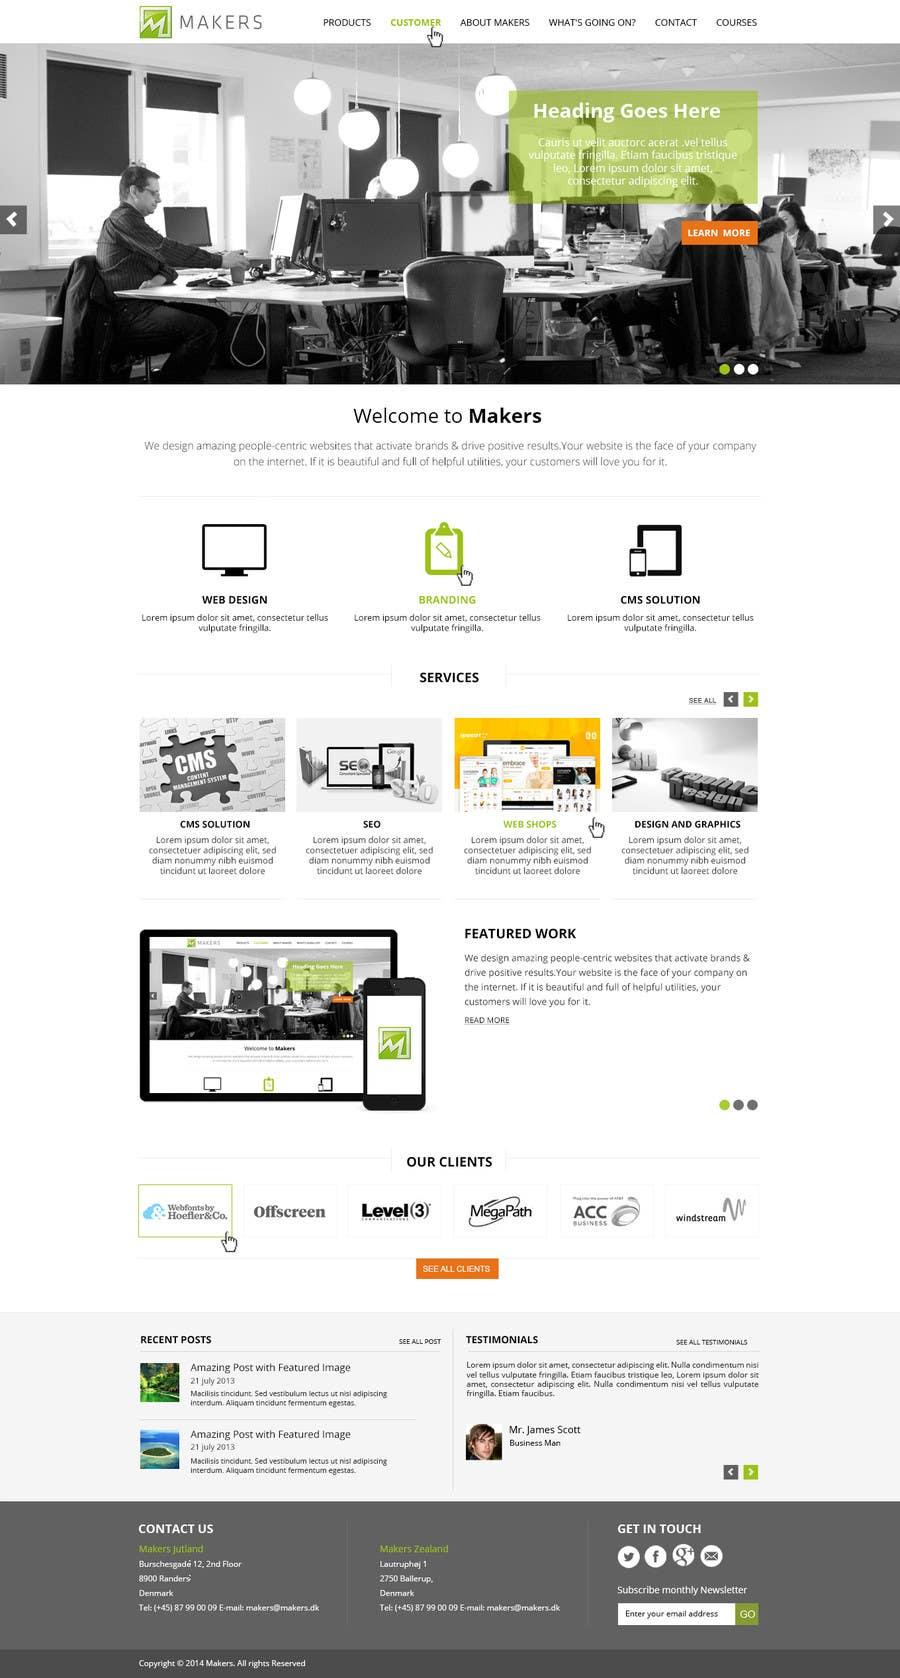 Konkurrenceindlæg #                                        29                                      for                                         Design a Website Mockup for http://makers.dk